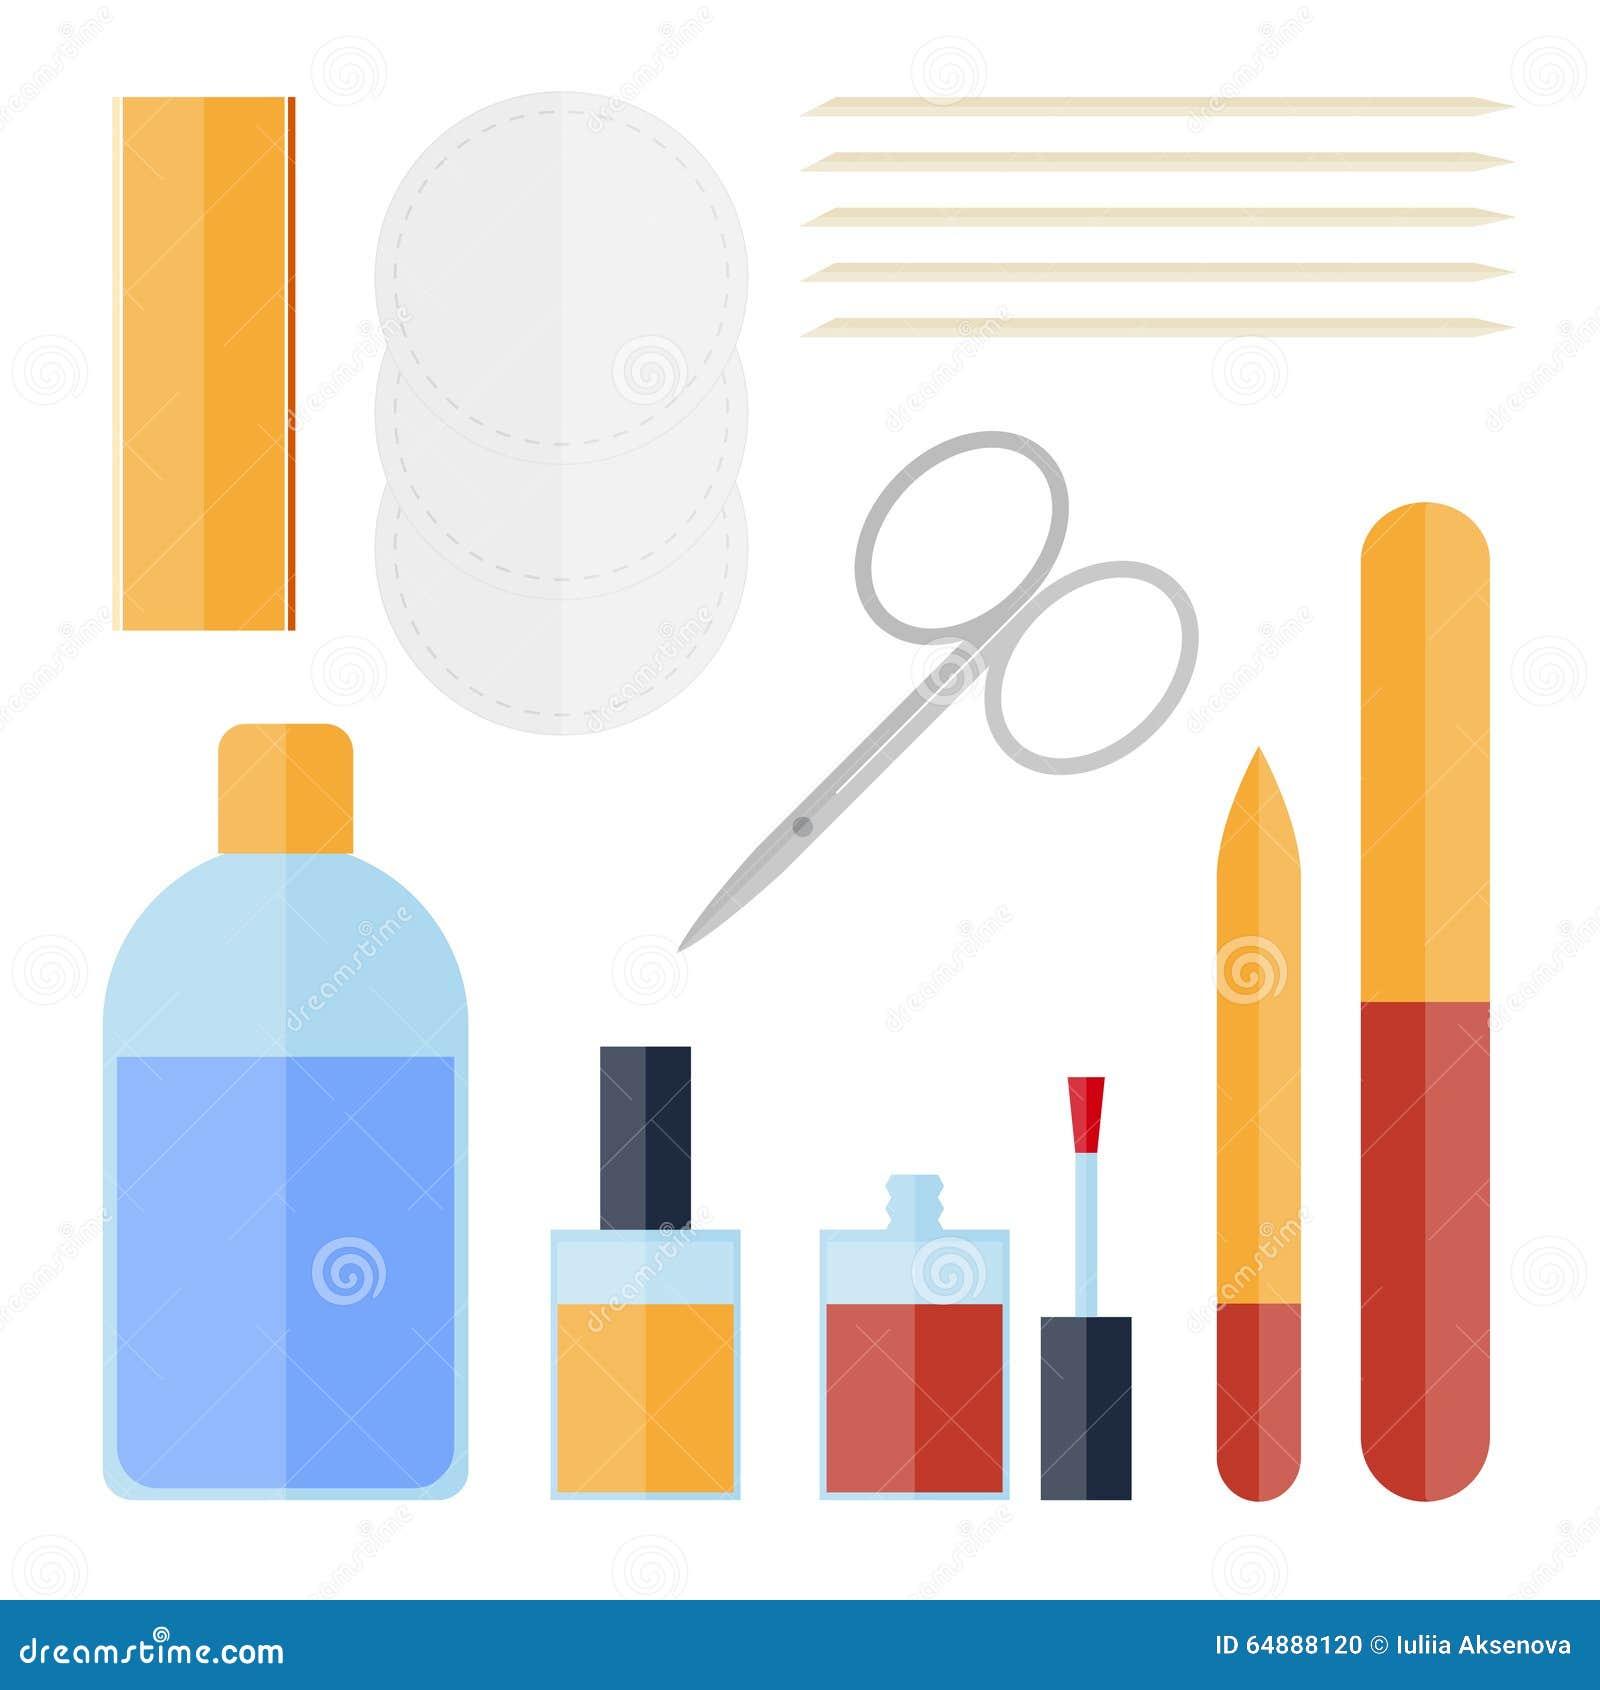 Nail manufacturing business plan